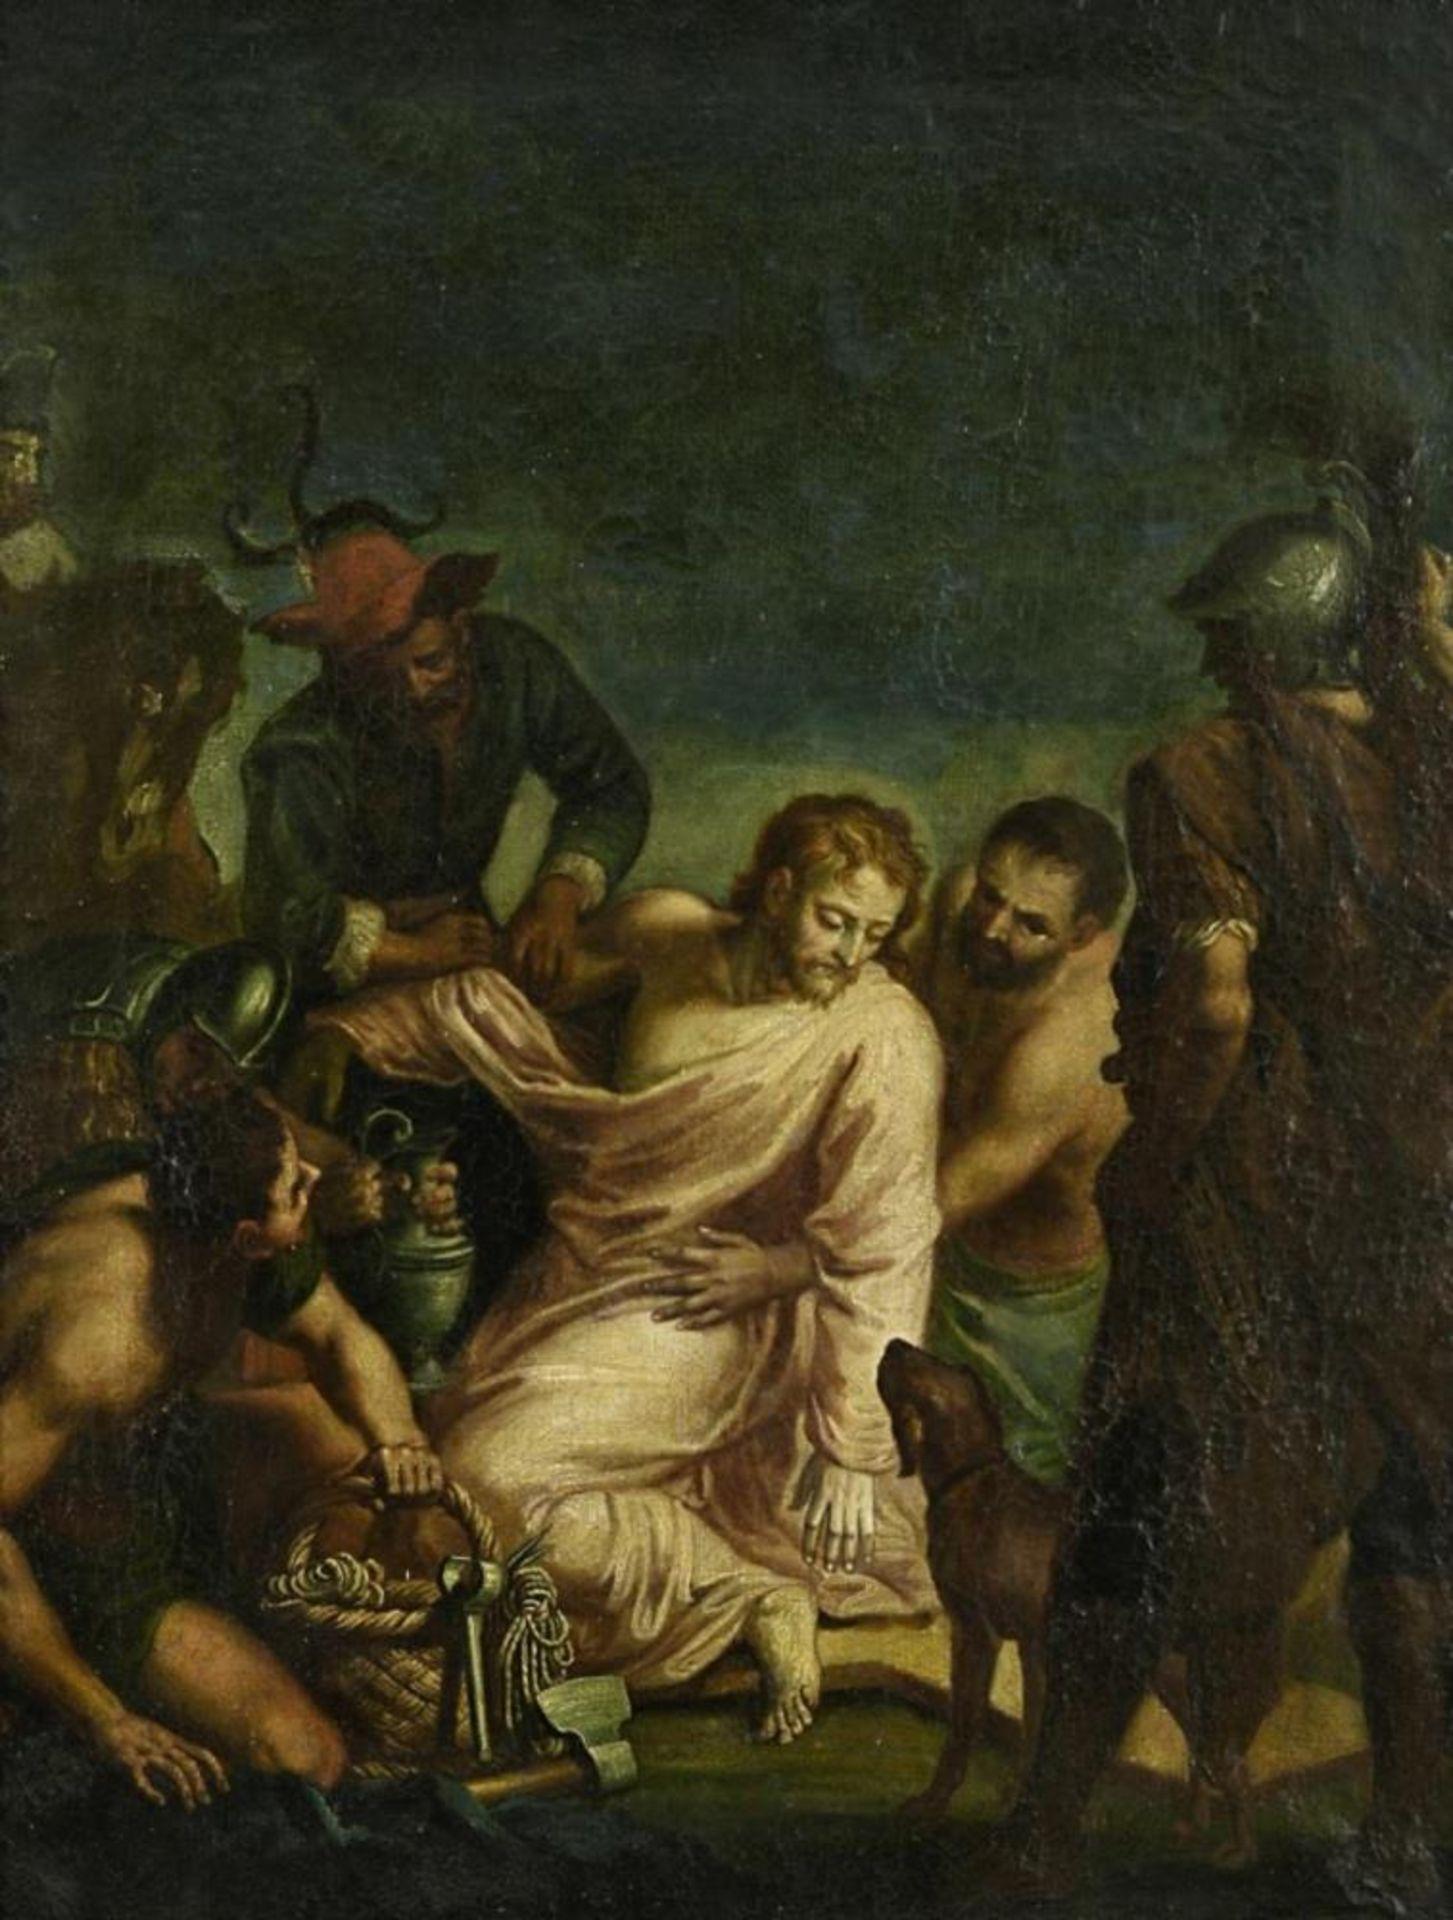 Jesus wird seiner Kleider beraubt (Mt 27,33-36)